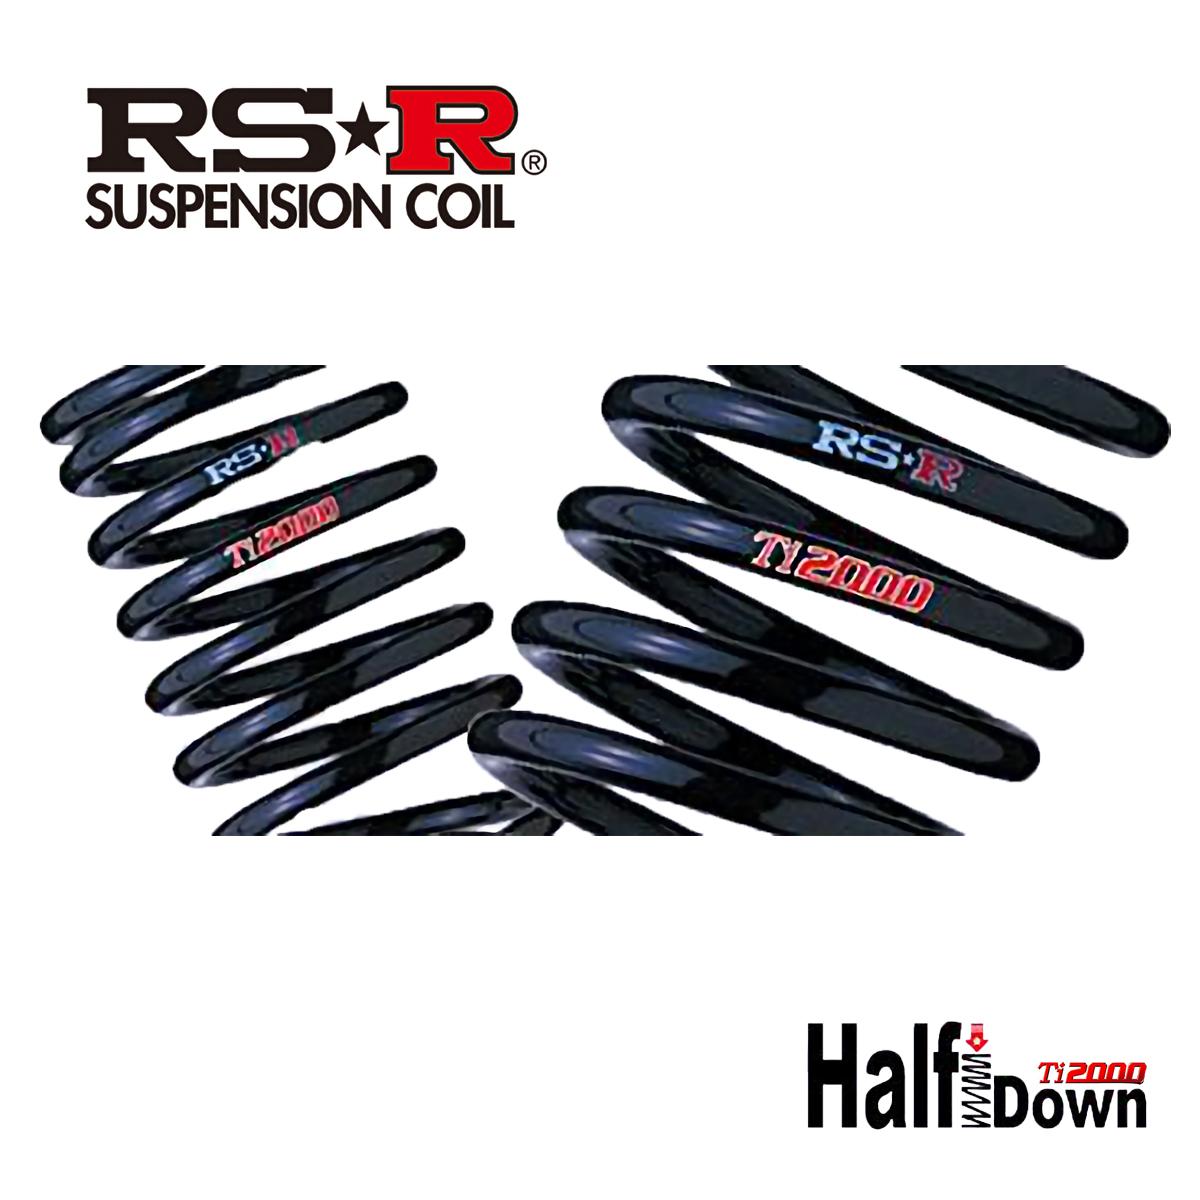 RS-R レクサス GS450h GWL10 ダウンサス スプリング 1台分 T175THD Ti2000 ハーフダウン RSR 個人宅発送追金有